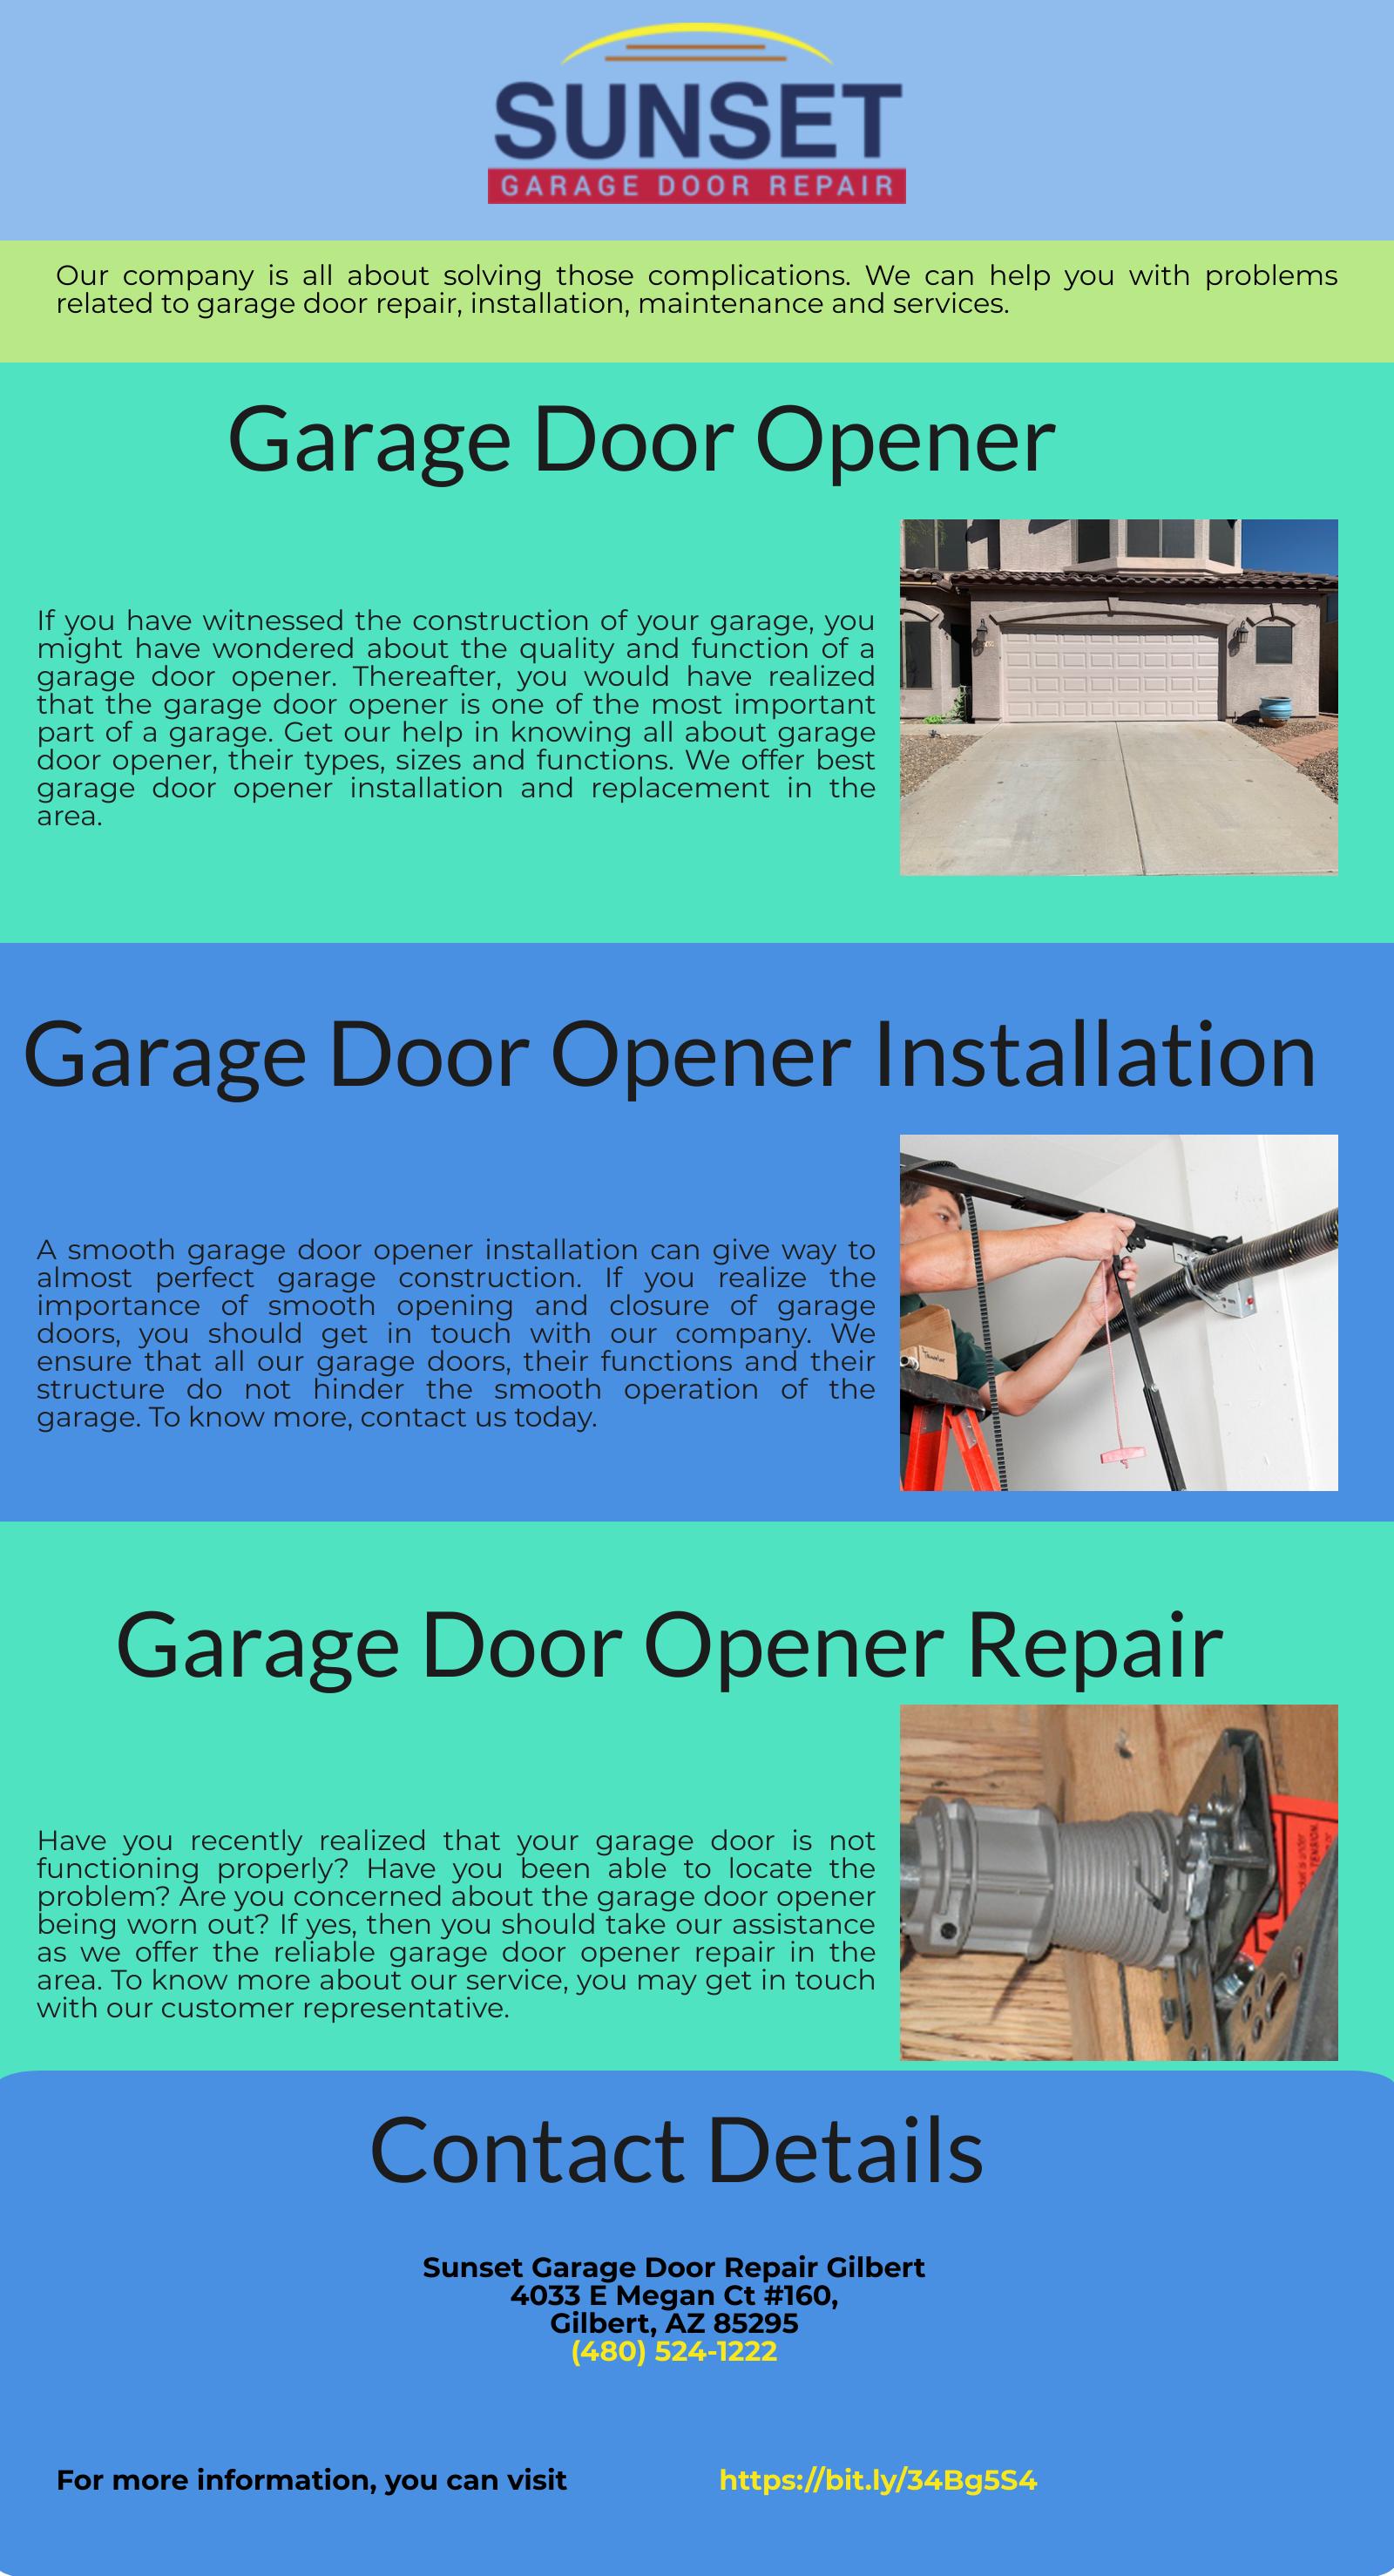 Garage Door Opener Services Gilbert Az 85233 In 2020 Garage Door Opener Installation Garage Doors Garage Door Opener